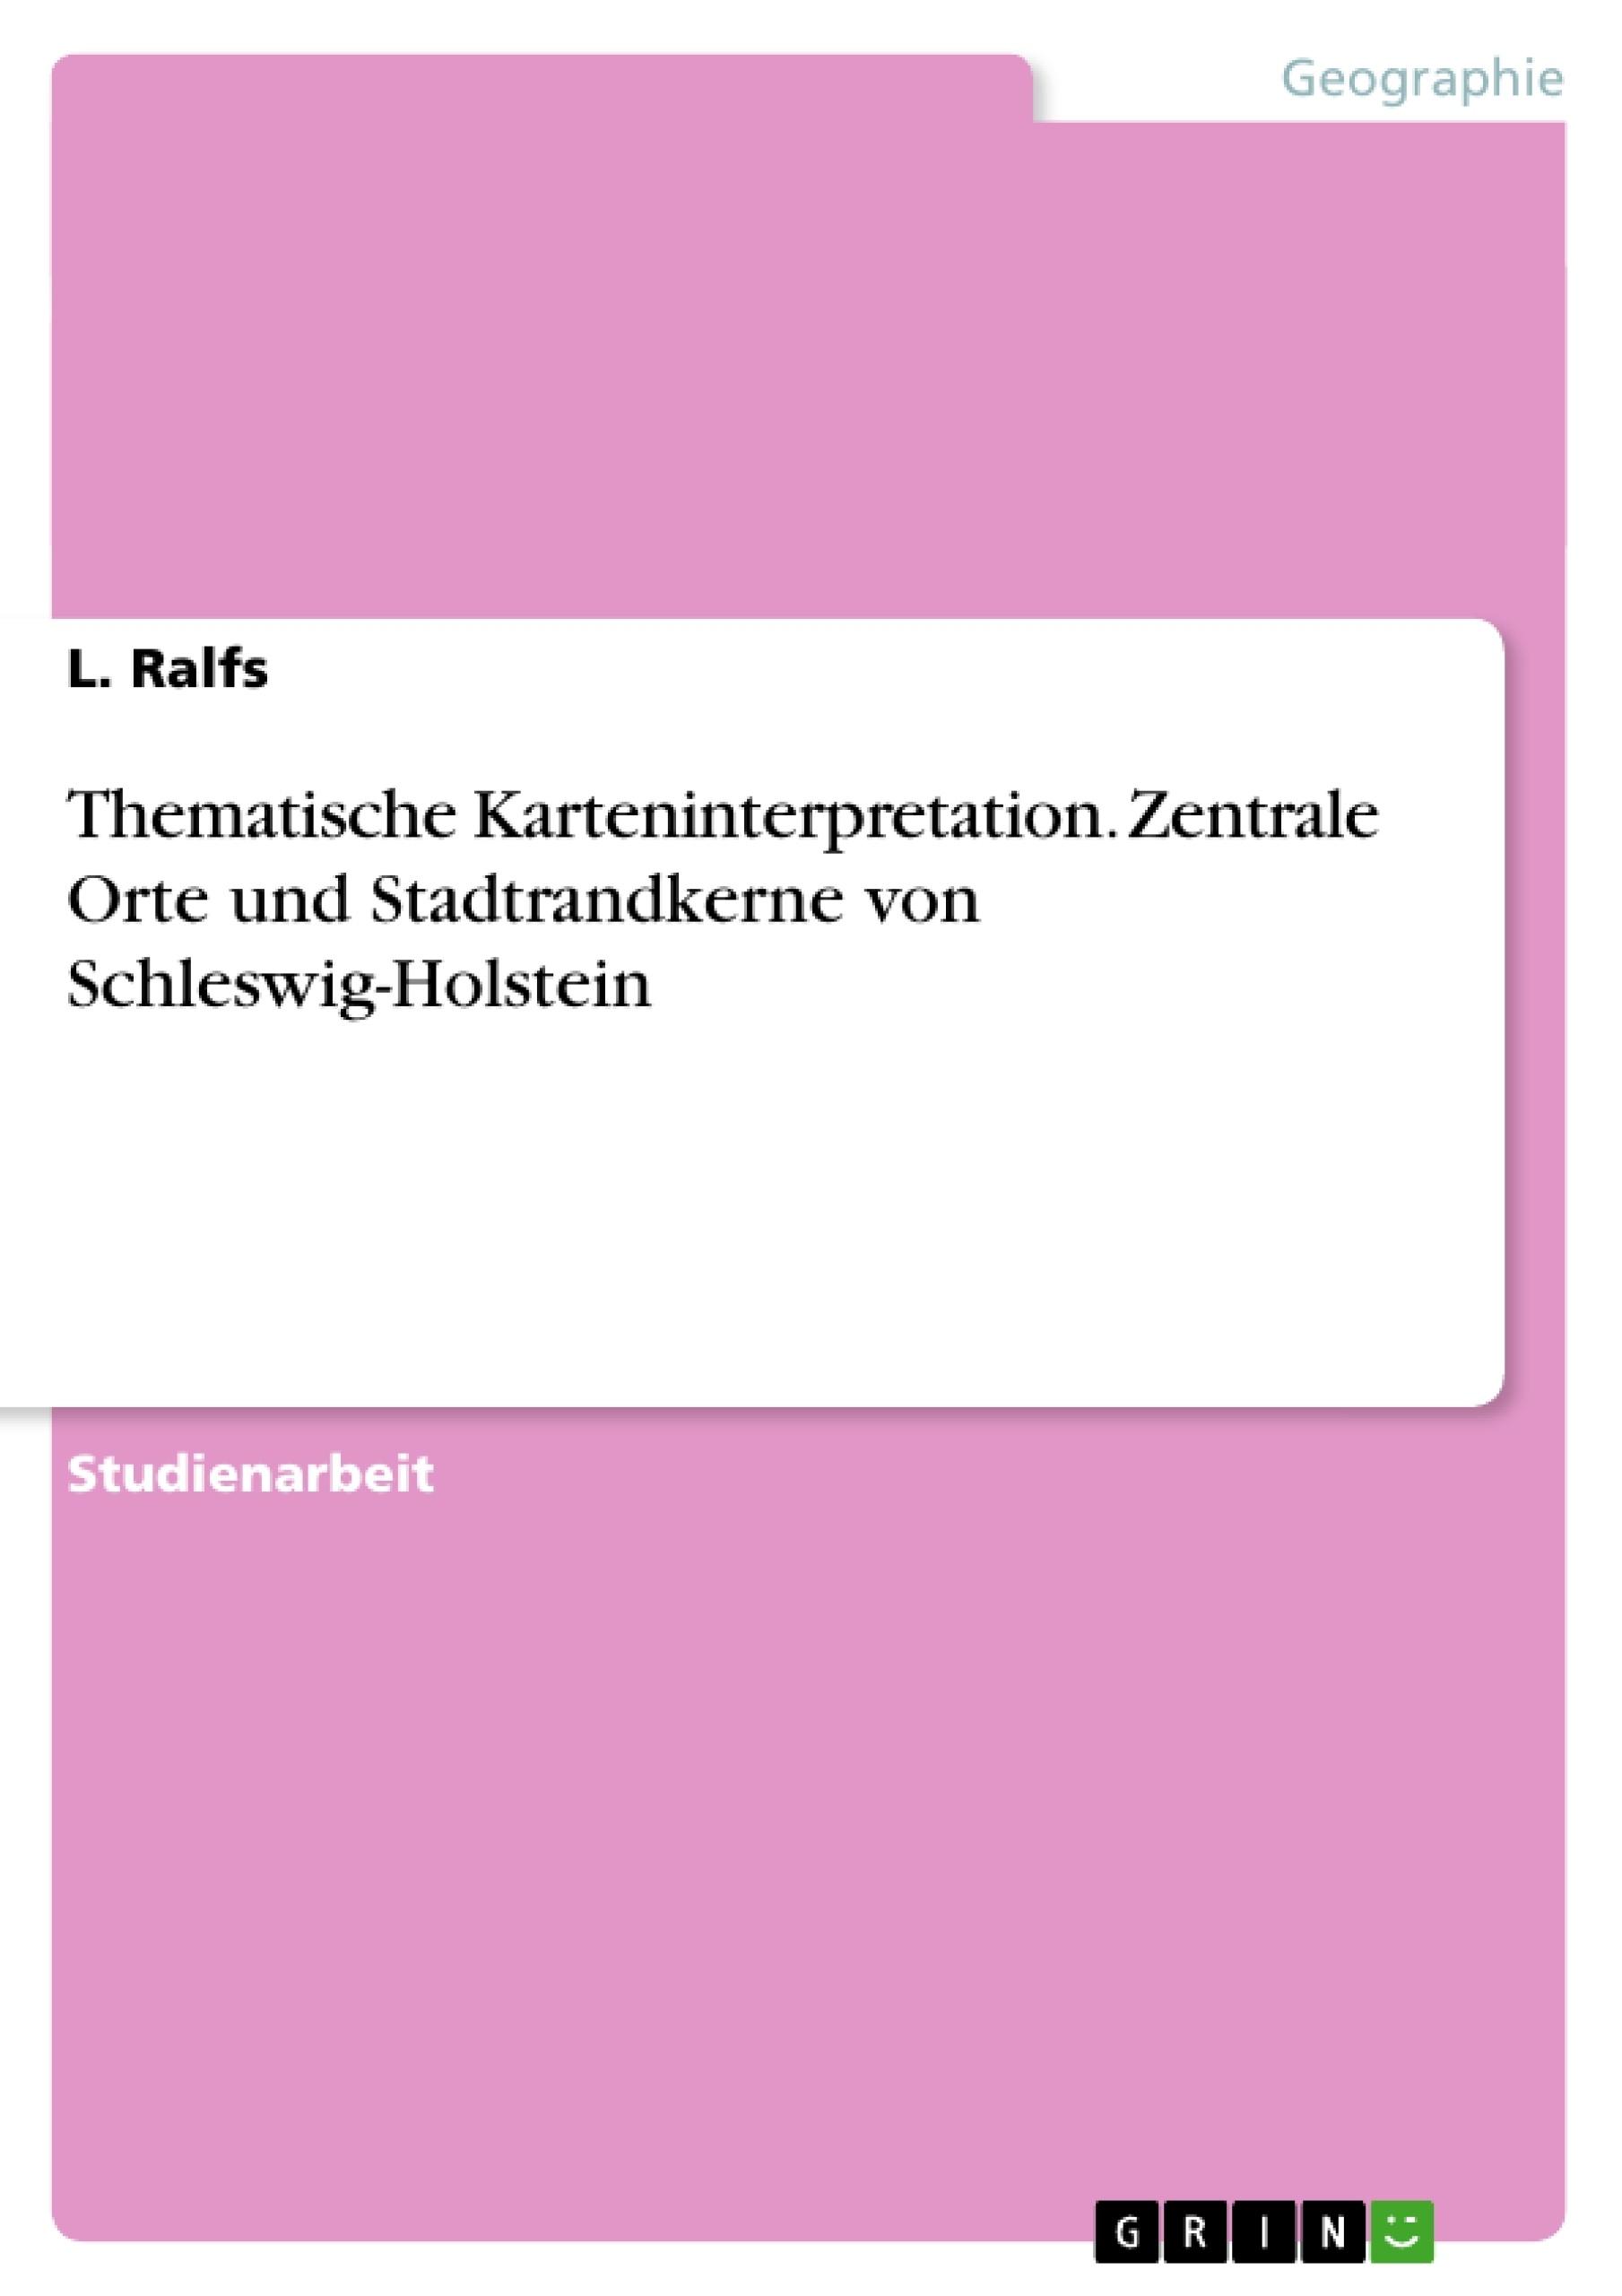 Titel: Thematische Karteninterpretation. Zentrale Orte und Stadtrandkerne von Schleswig-Holstein